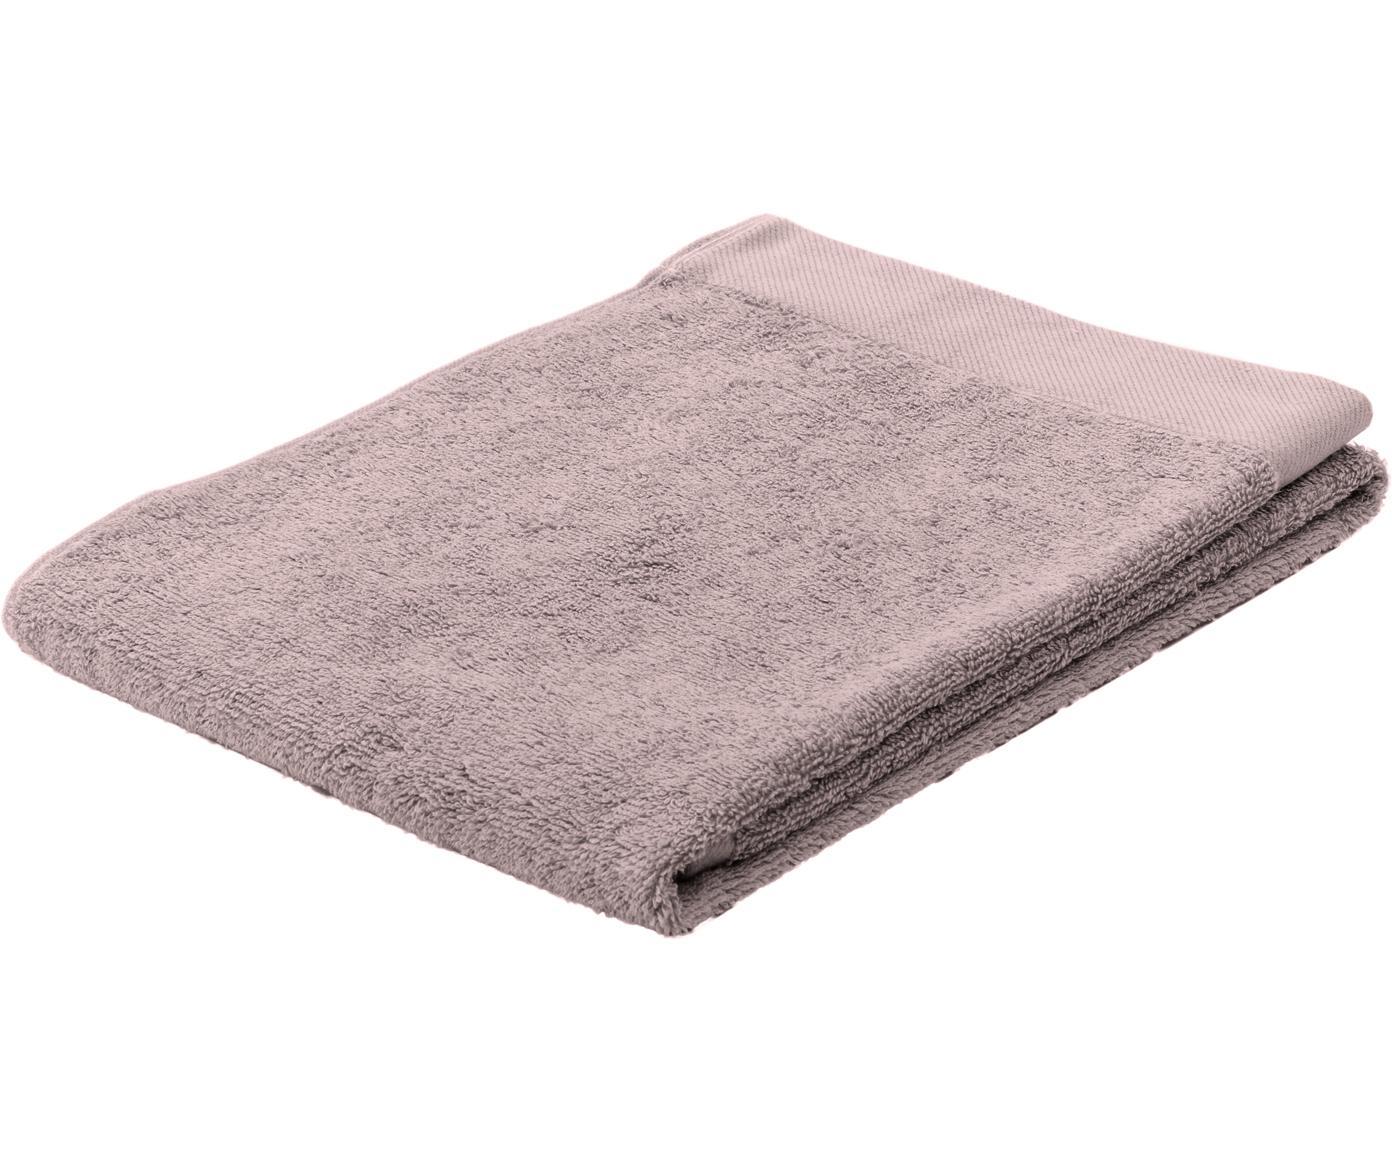 Asciugamano in cotone misto riciclato Blend, 65% cotone riciclato, 35% poliestere riciclato, Rosa cipria, Asciugamano per ospiti